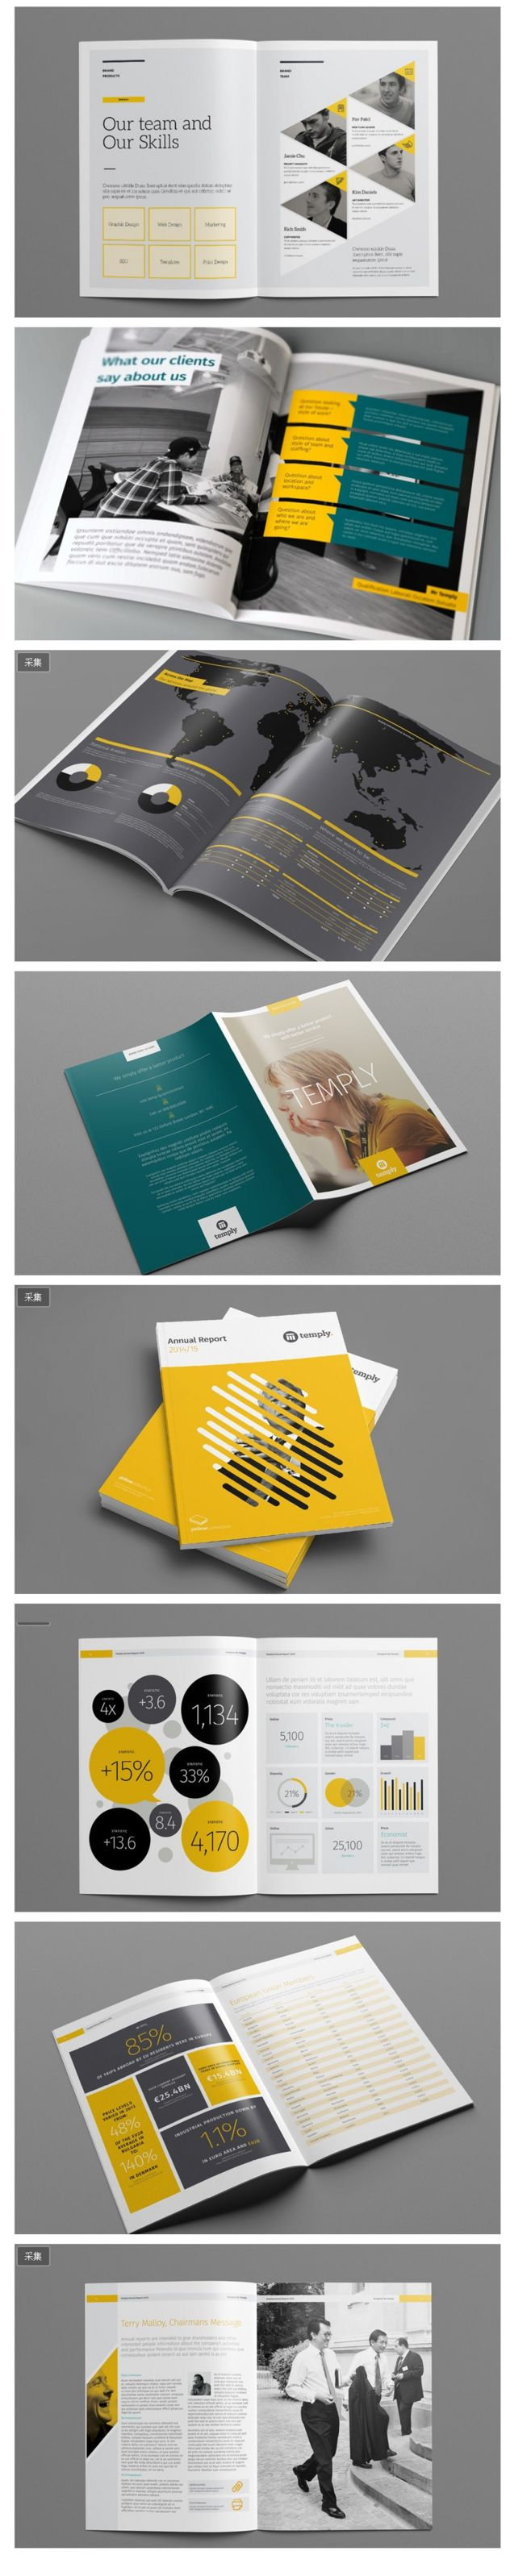 【平面设计】优秀的扁平化企业画册设计 -...